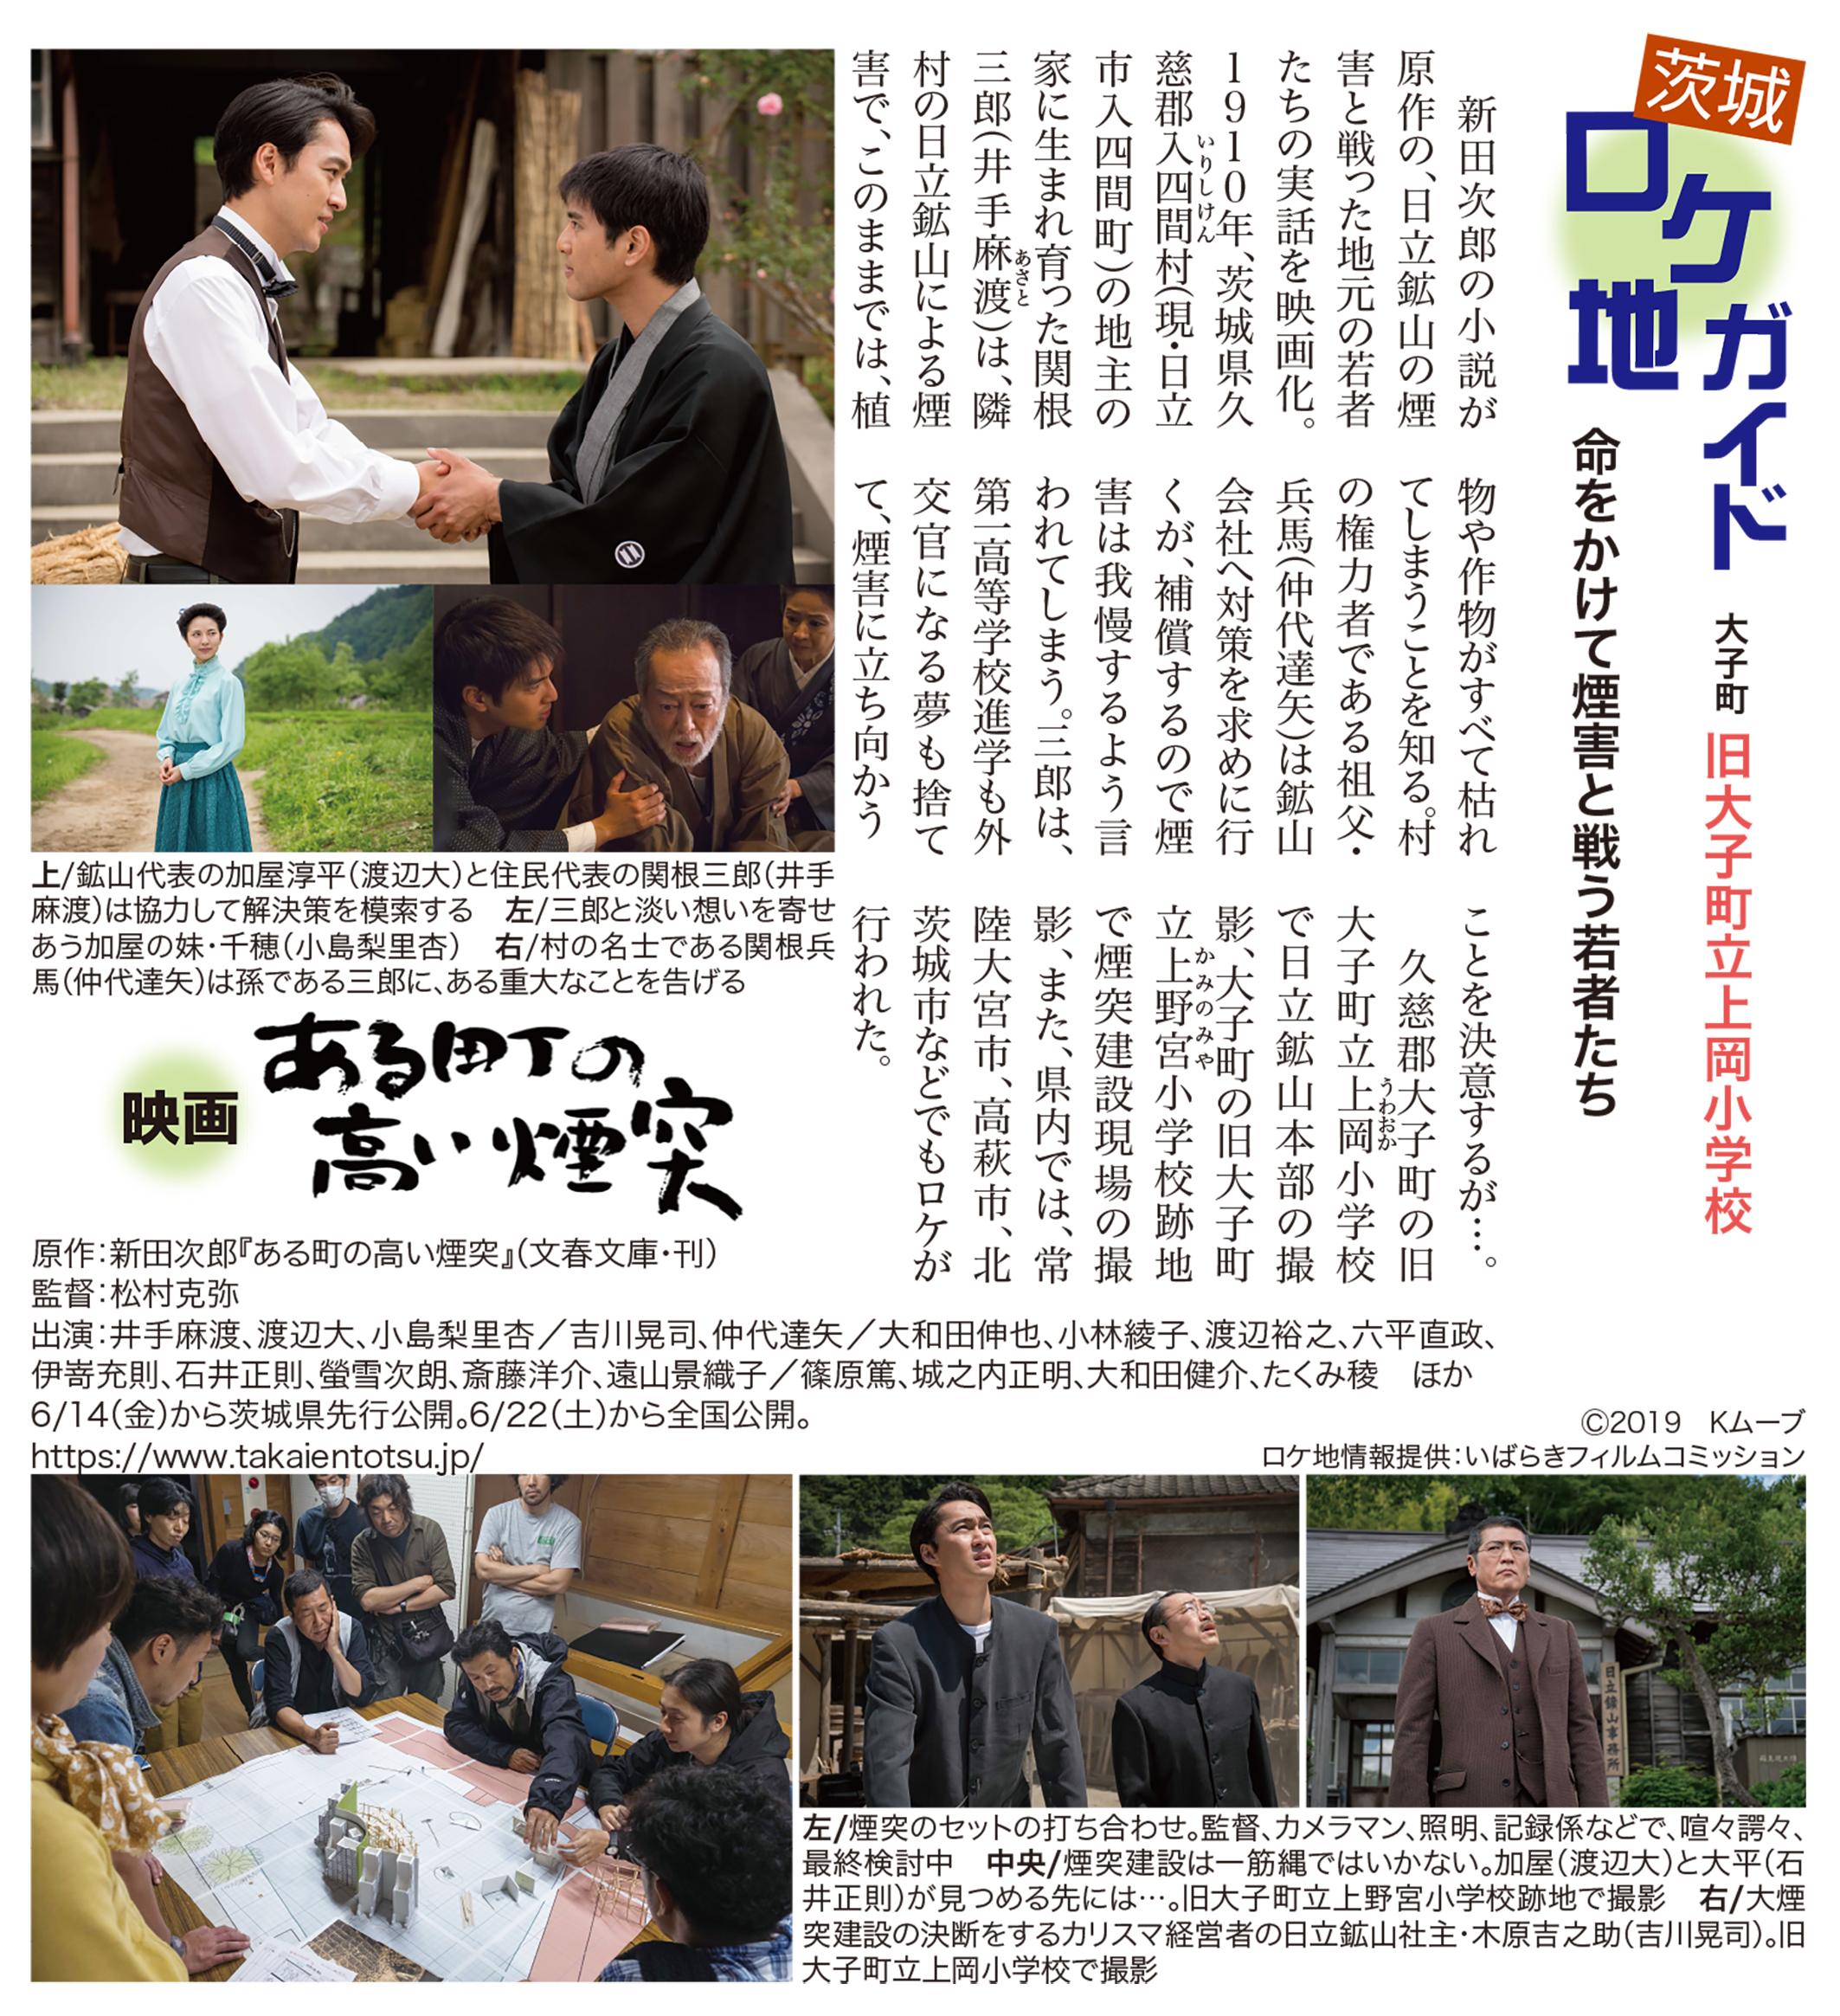 映画『ある町の高い煙突』のロケ地は旧大子町立上岡小学校(大子町)